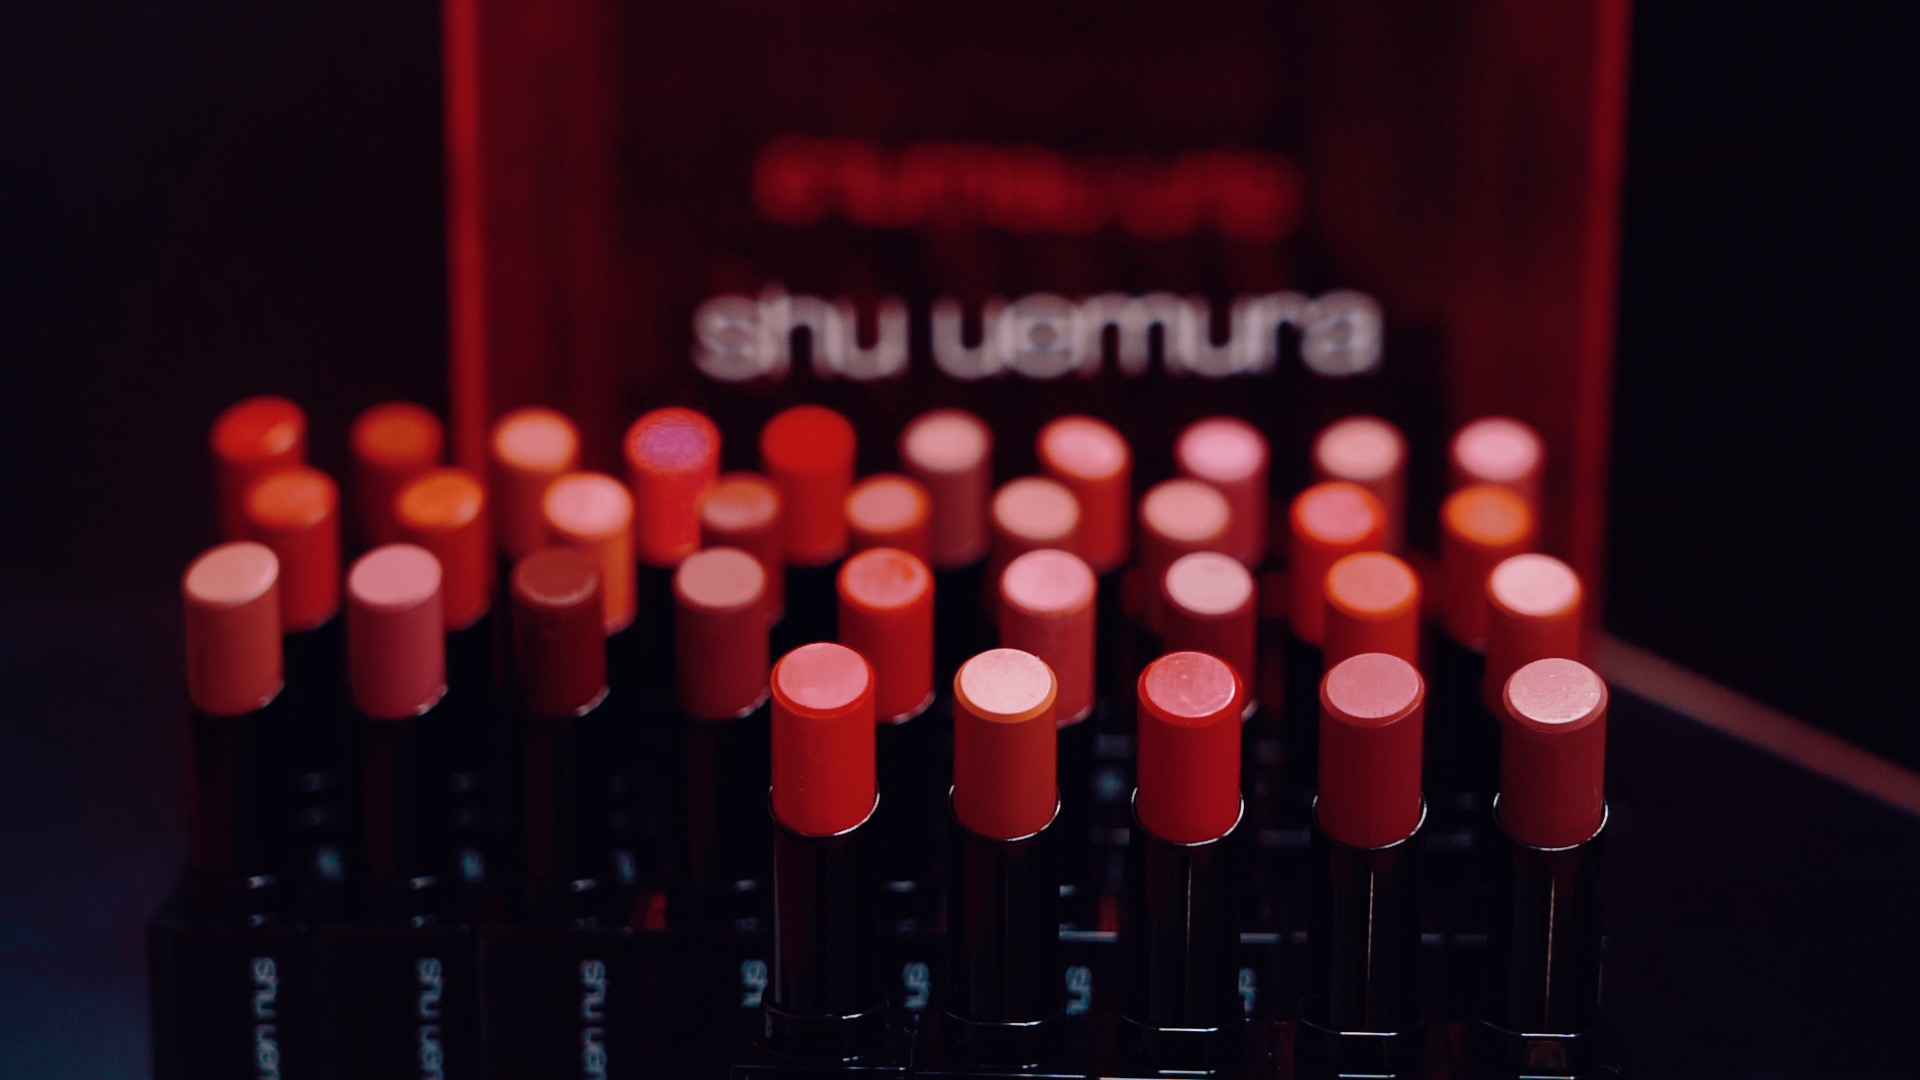 一口气推出153个色号口红,厉害了植村秀!